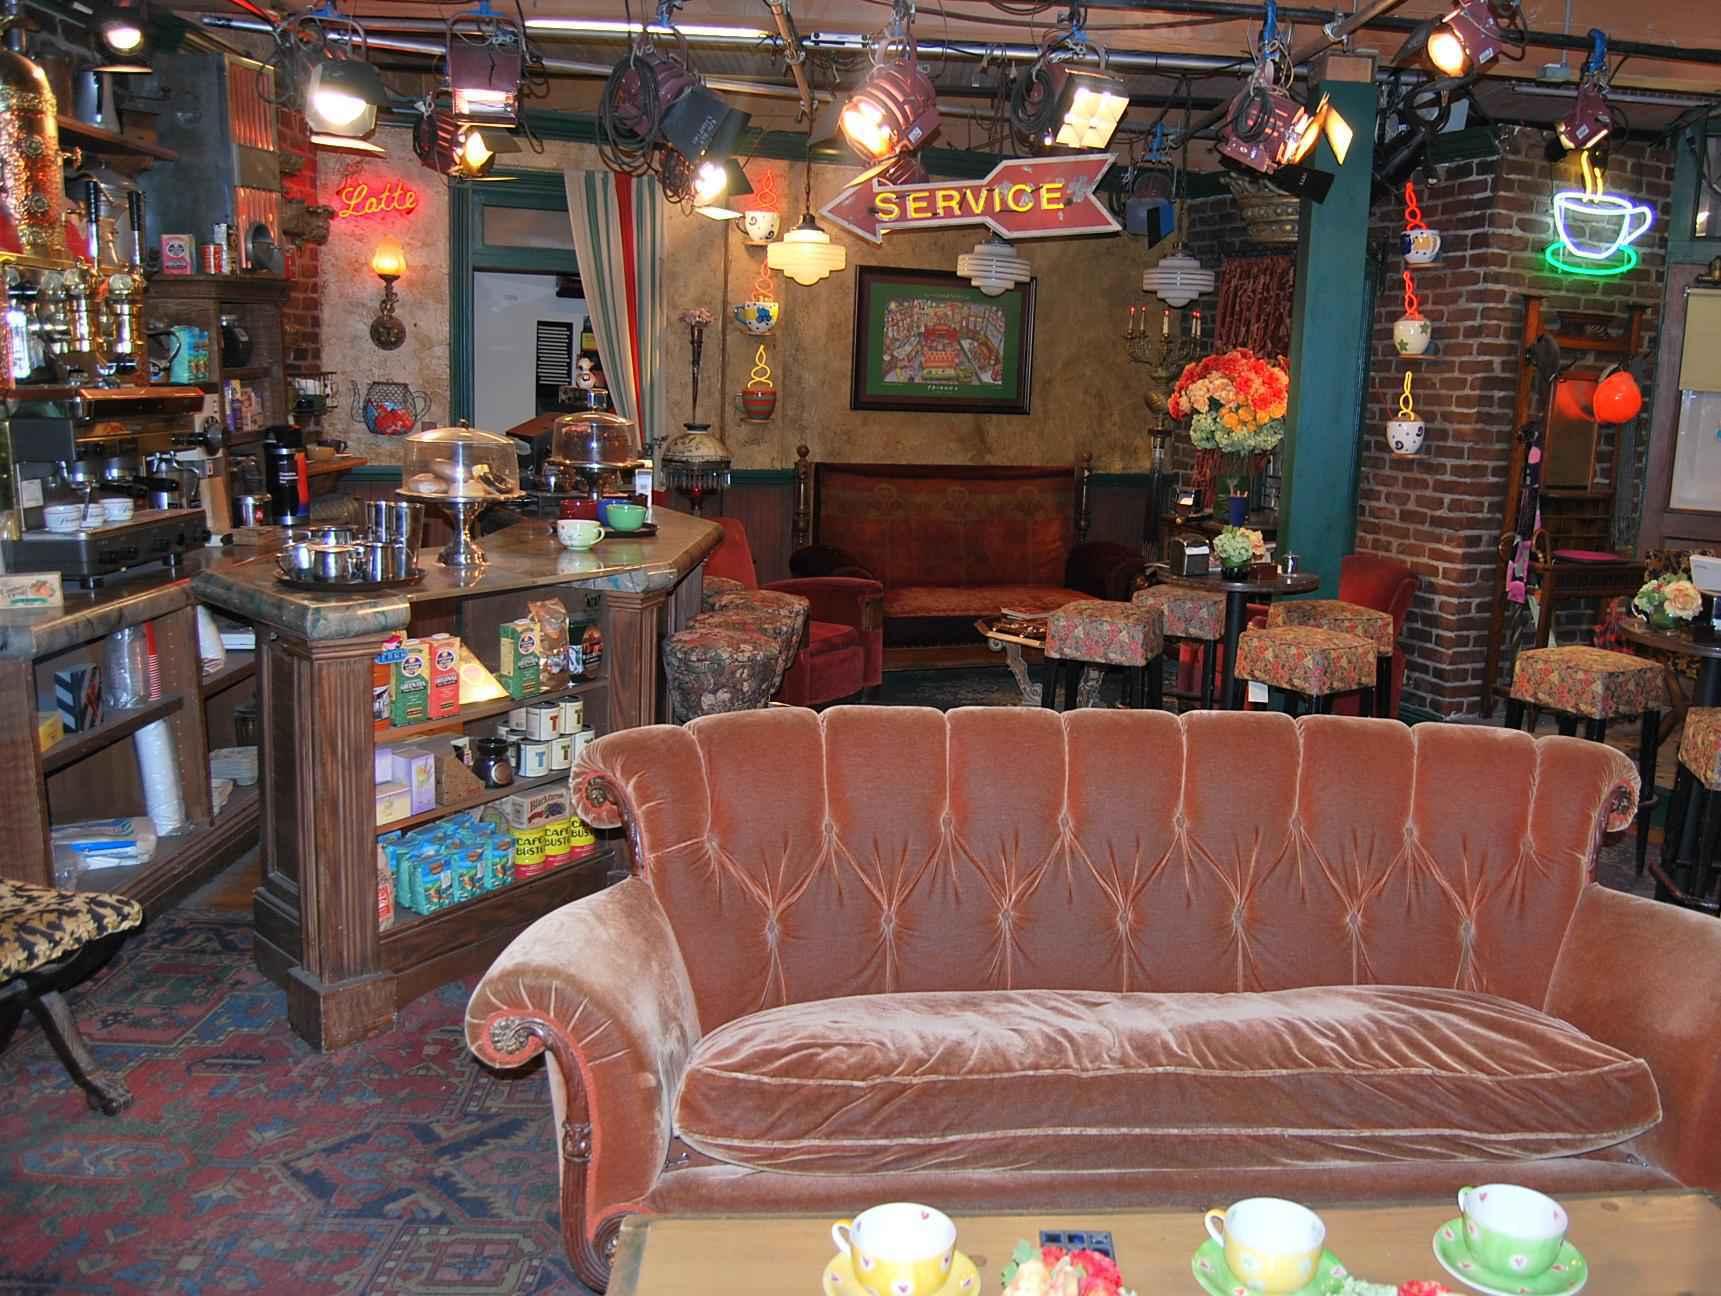 Set do café 'Central Perk', onde os amigos se reuniam, no Warner Bros. Studios